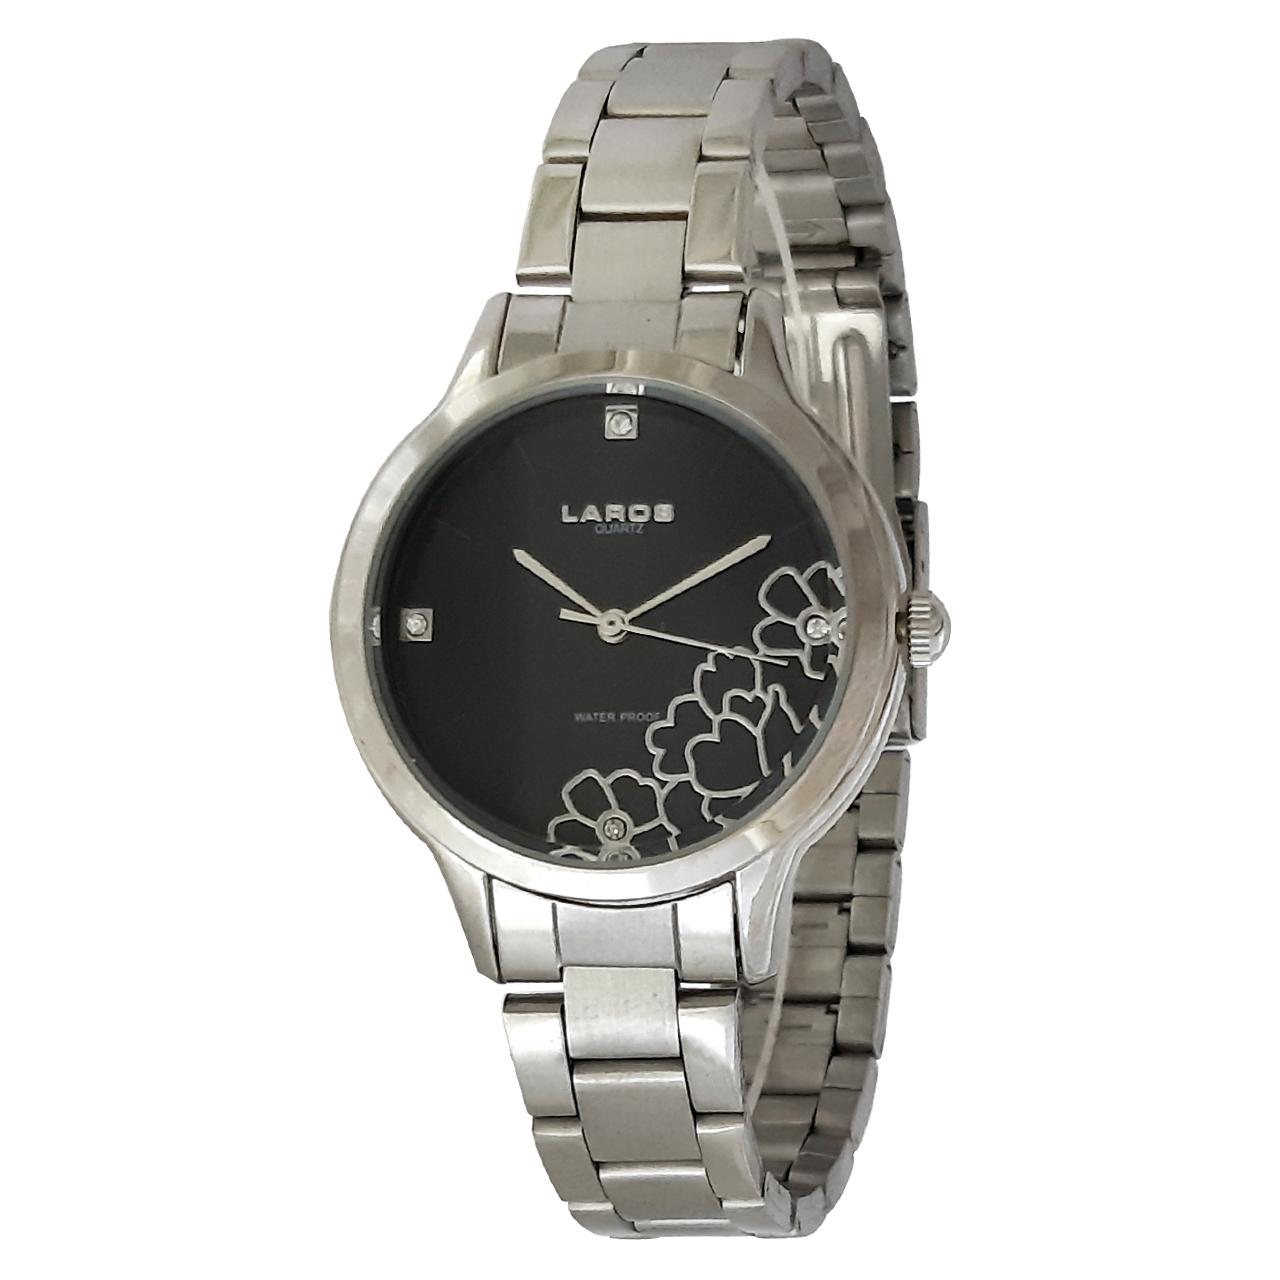 ساعت مچی عقربه ای زنانه لاروس مدل 0416-79828 به همراه دستمال مخصوص برند کلین واچ 49